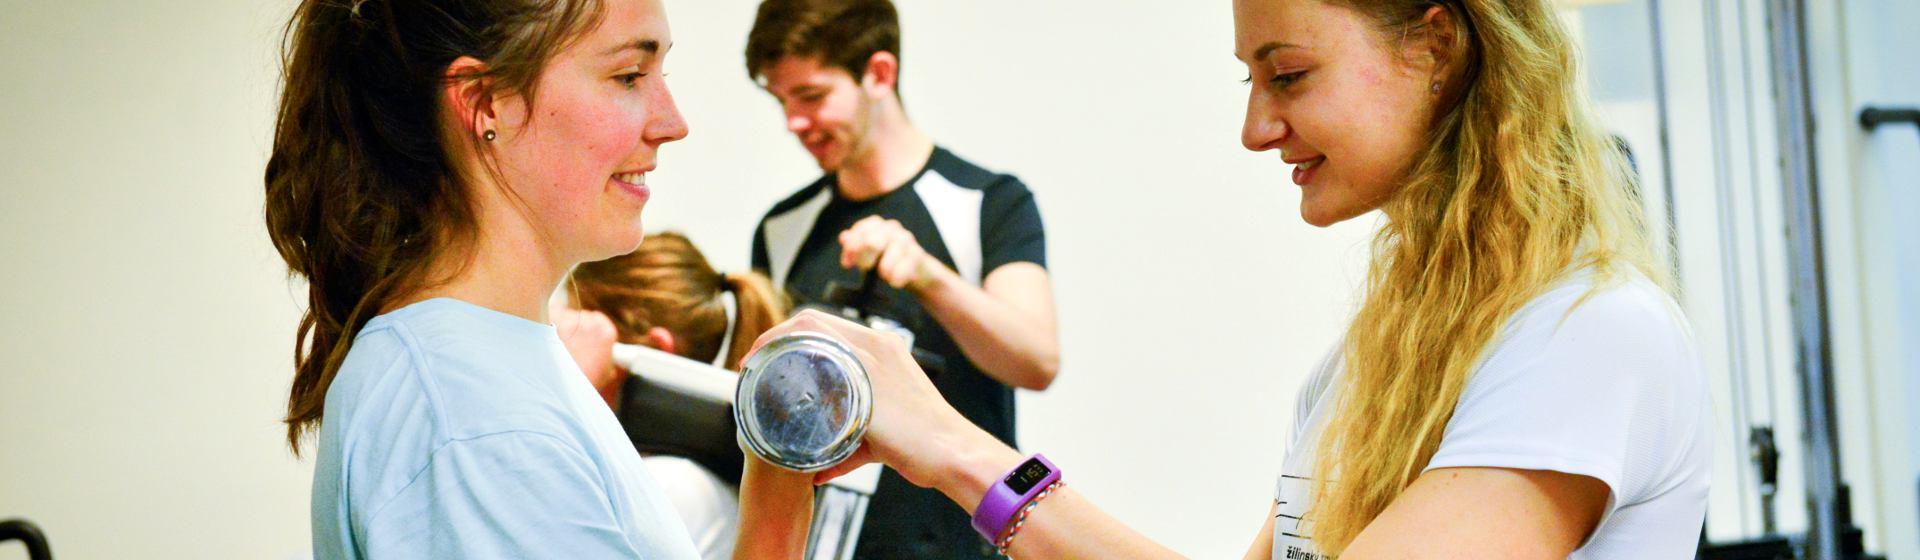 Chronische aandoening: vergoedt de basisverzekering fysiotherapie?